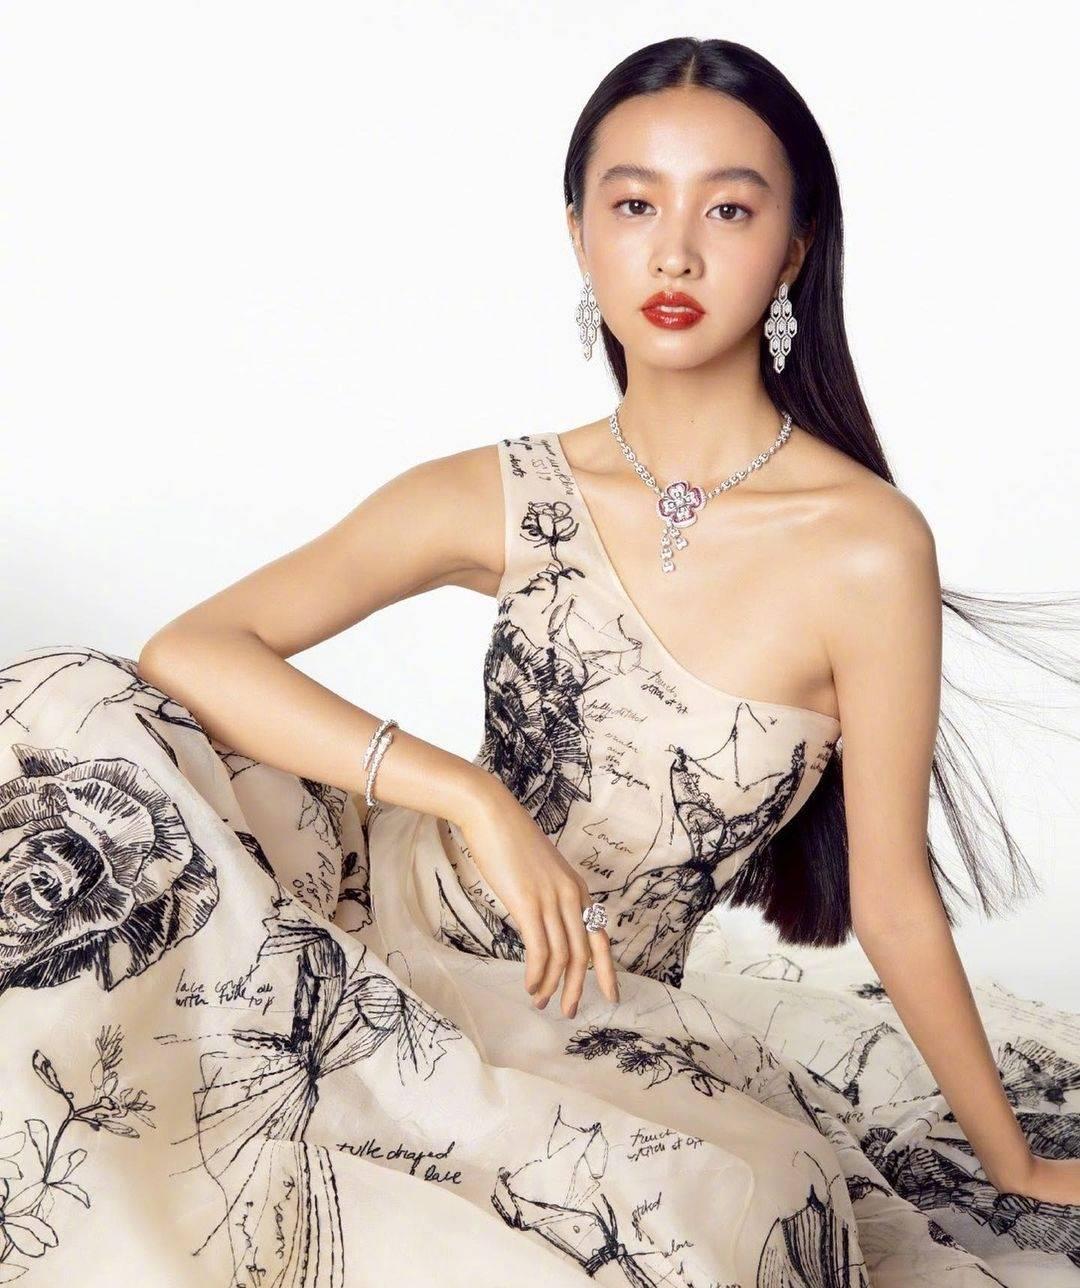 原来的木村三木可塑性太强,穿黑色蕾丝裙,显得女人味十足,时尚表现超棒